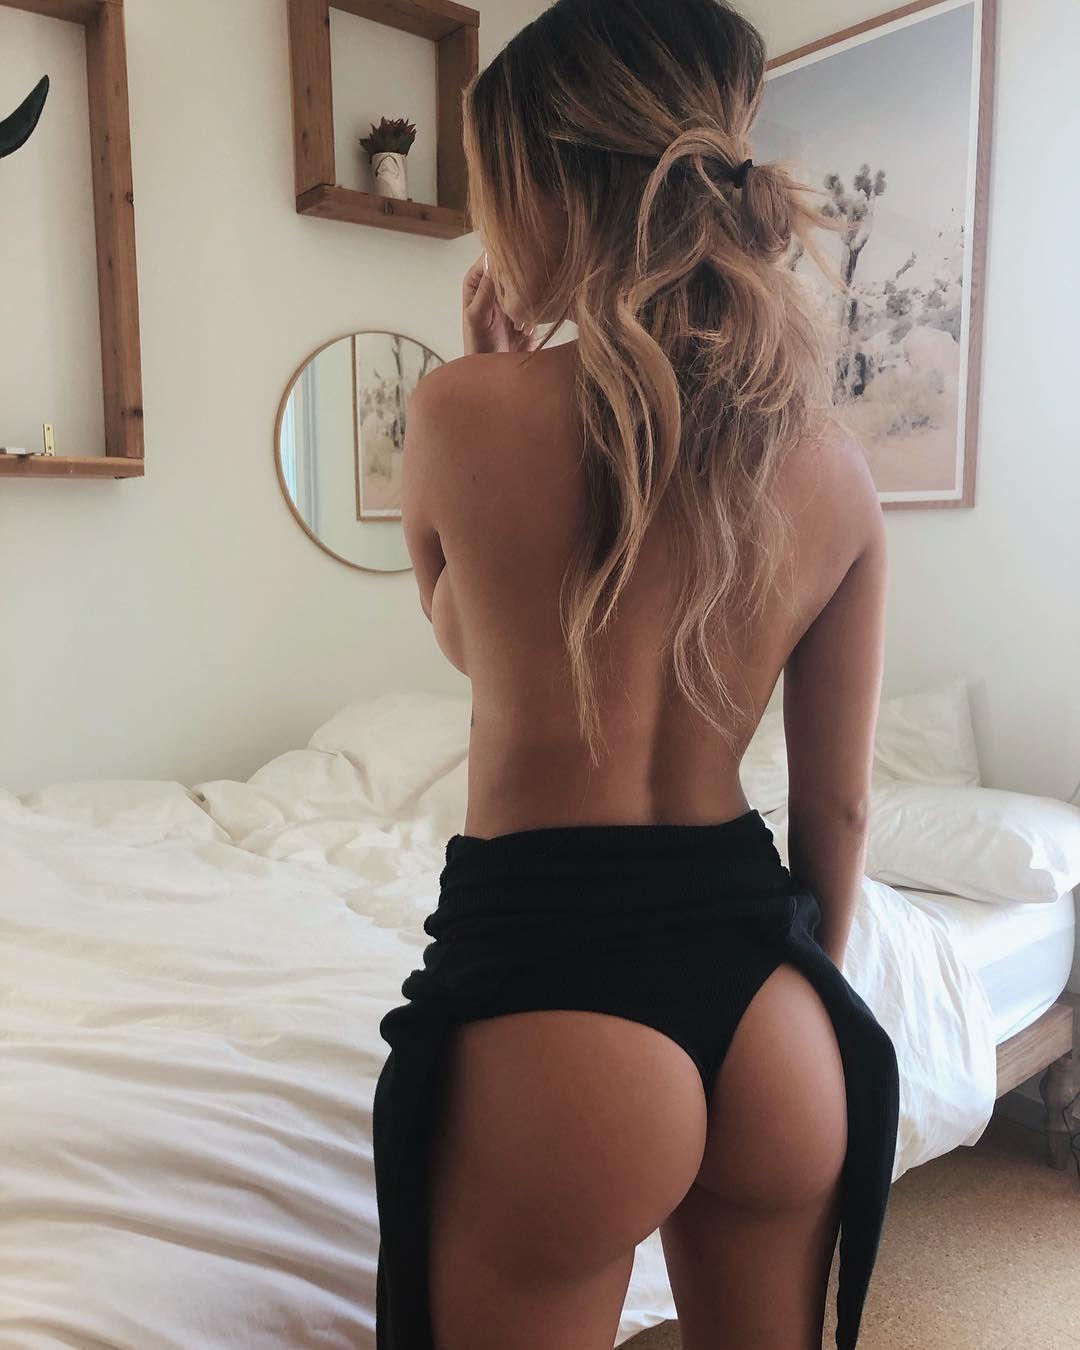 Julia Rose Nude & Sexy 0092